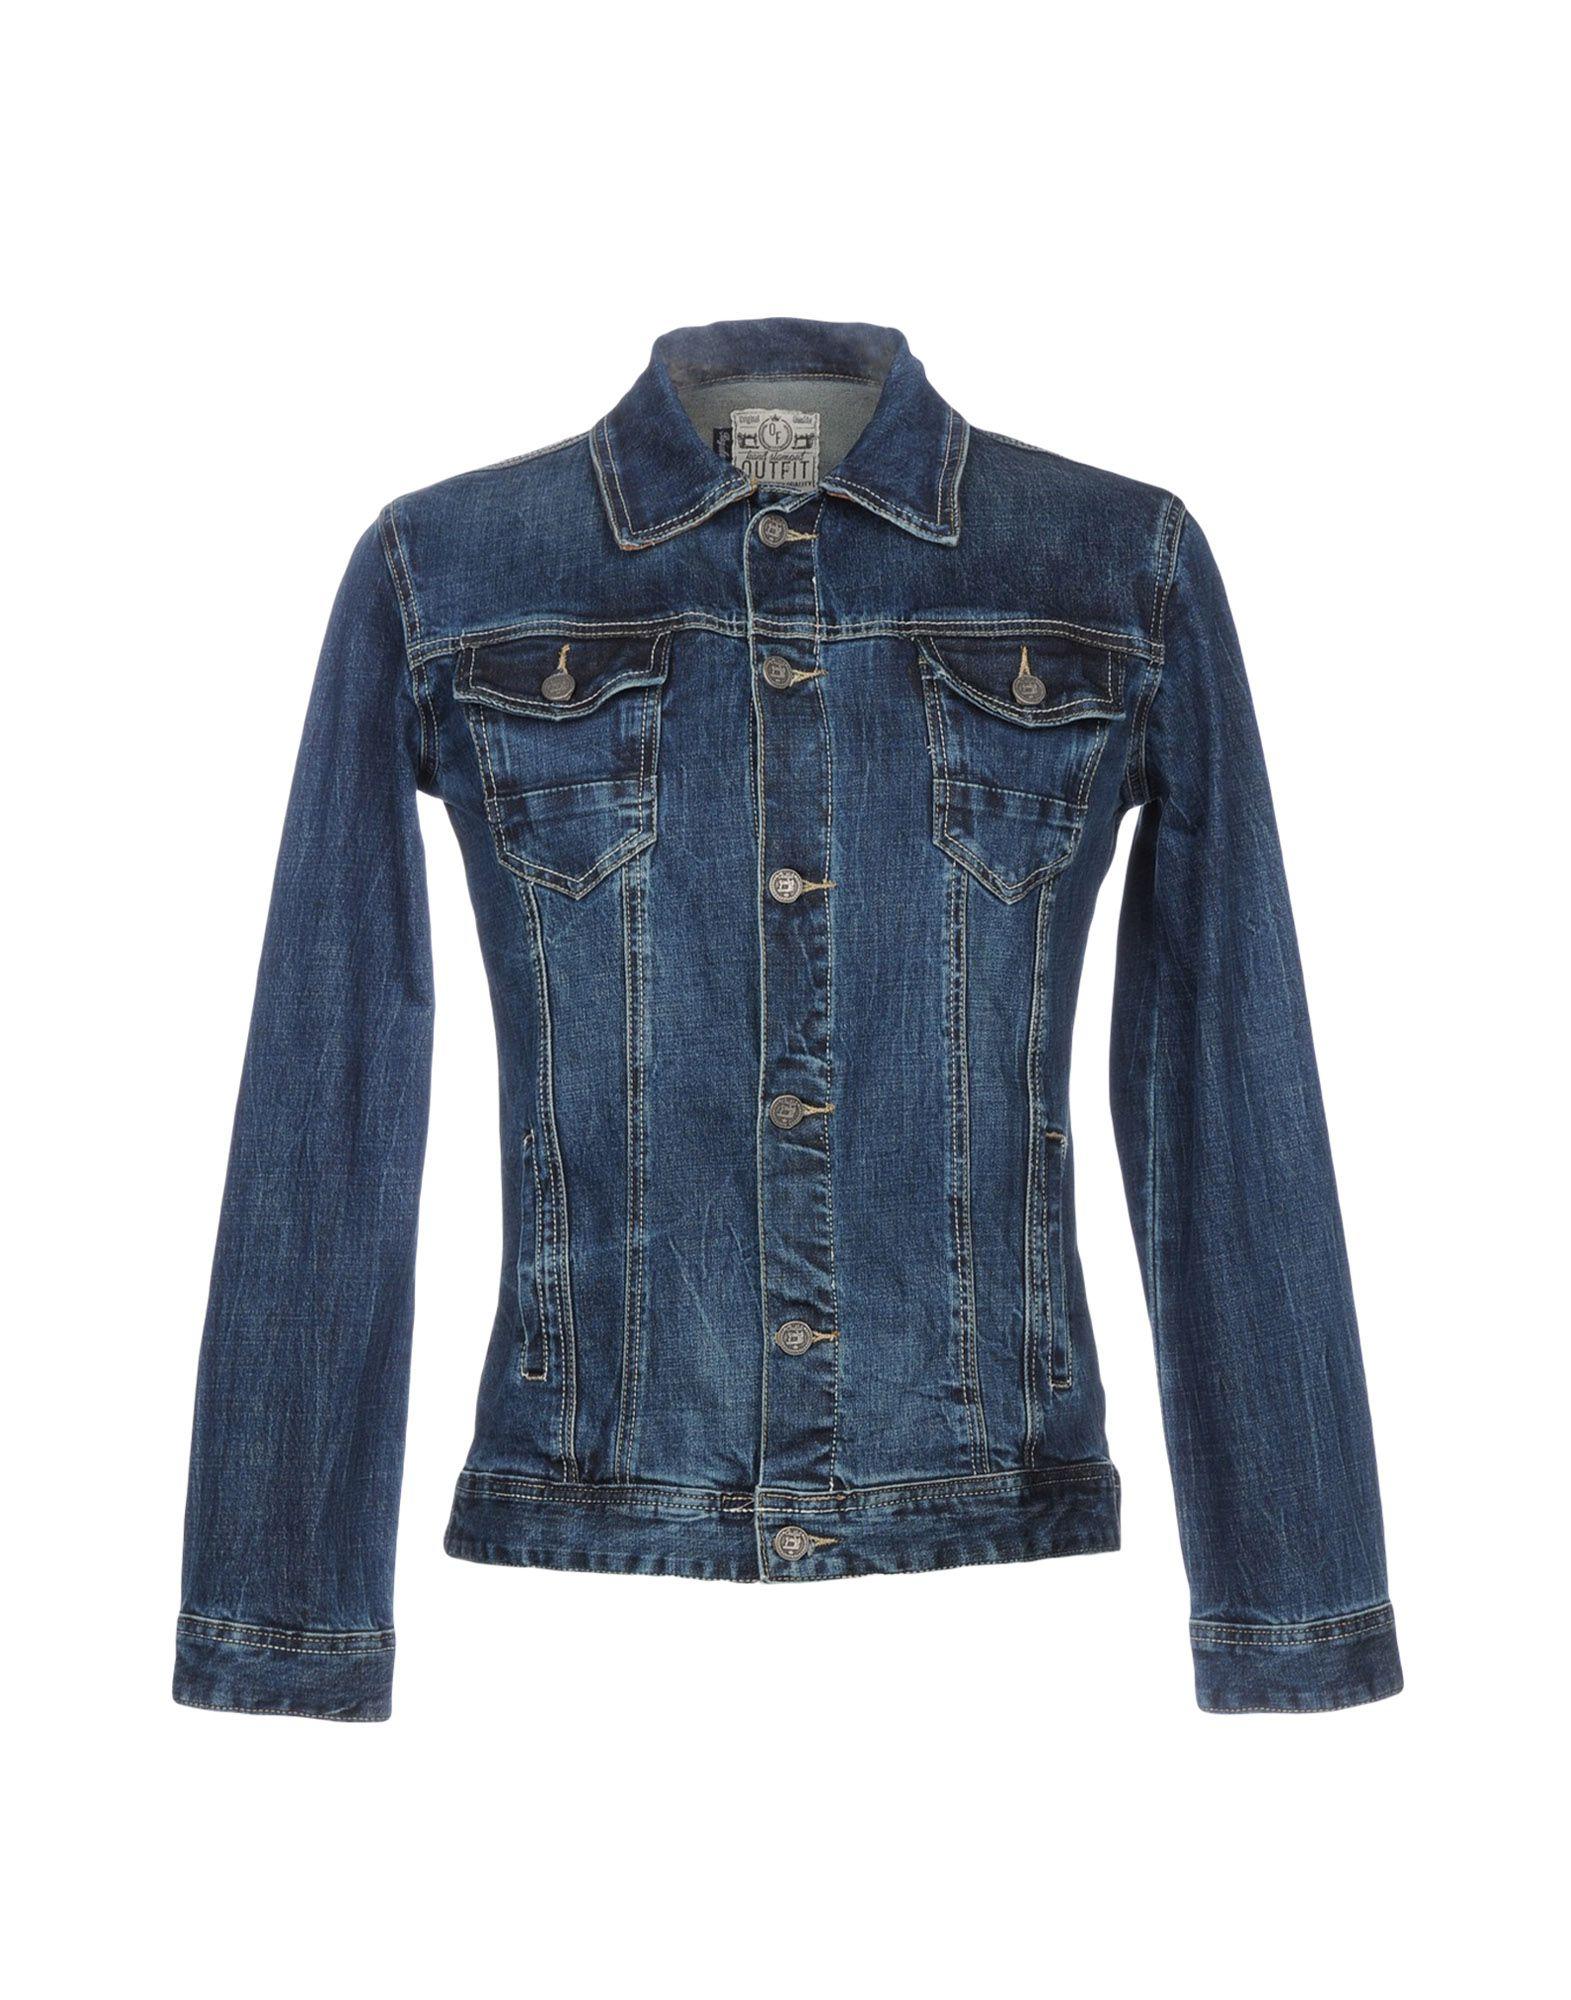 OUTFIT Джинсовая верхняя одежда wood wood джинсовая верхняя одежда